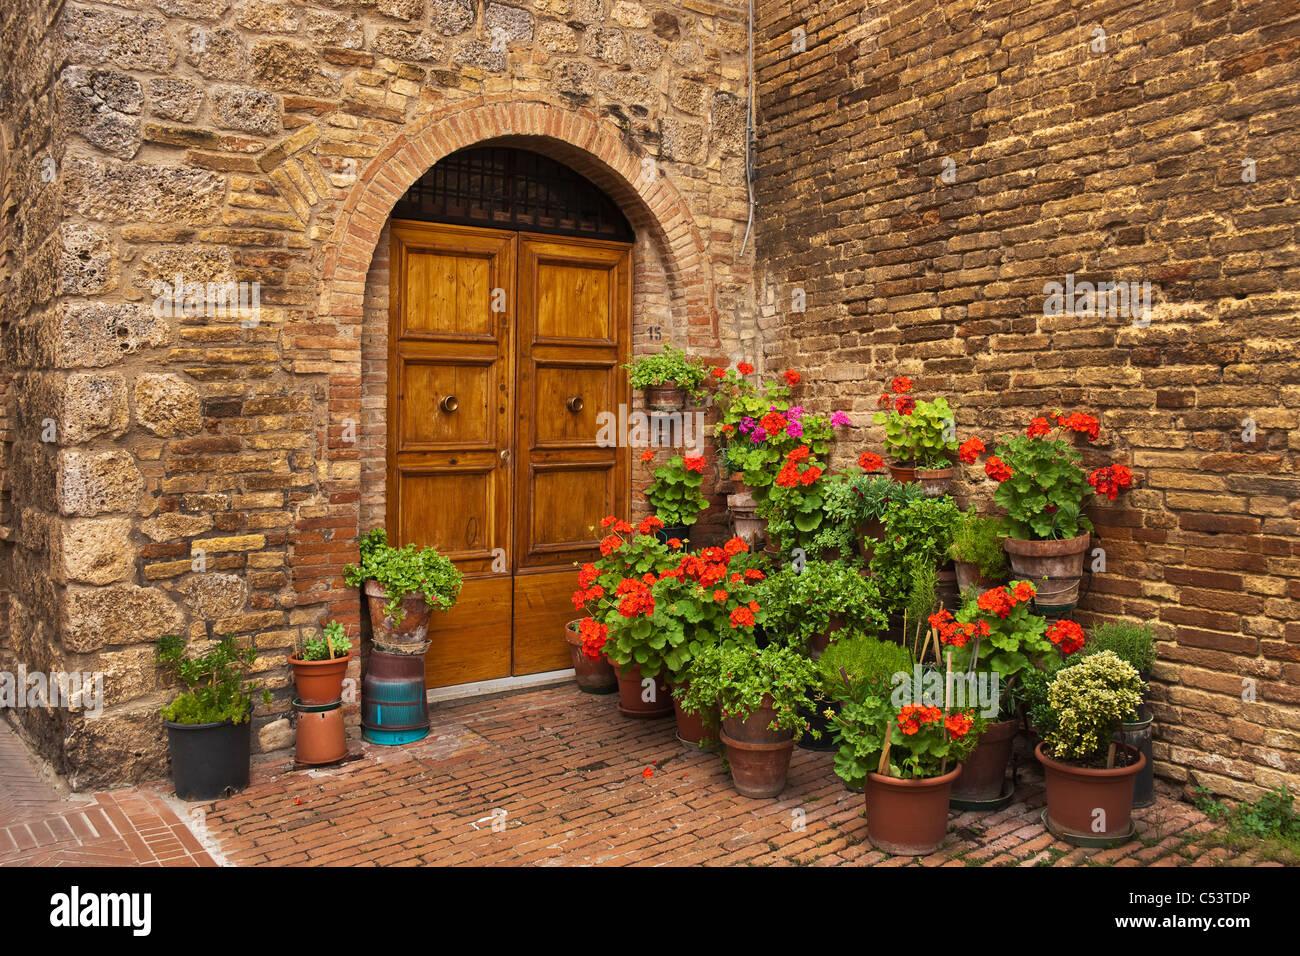 Toskana, Italien | Tuscany, Italy - Stock Image